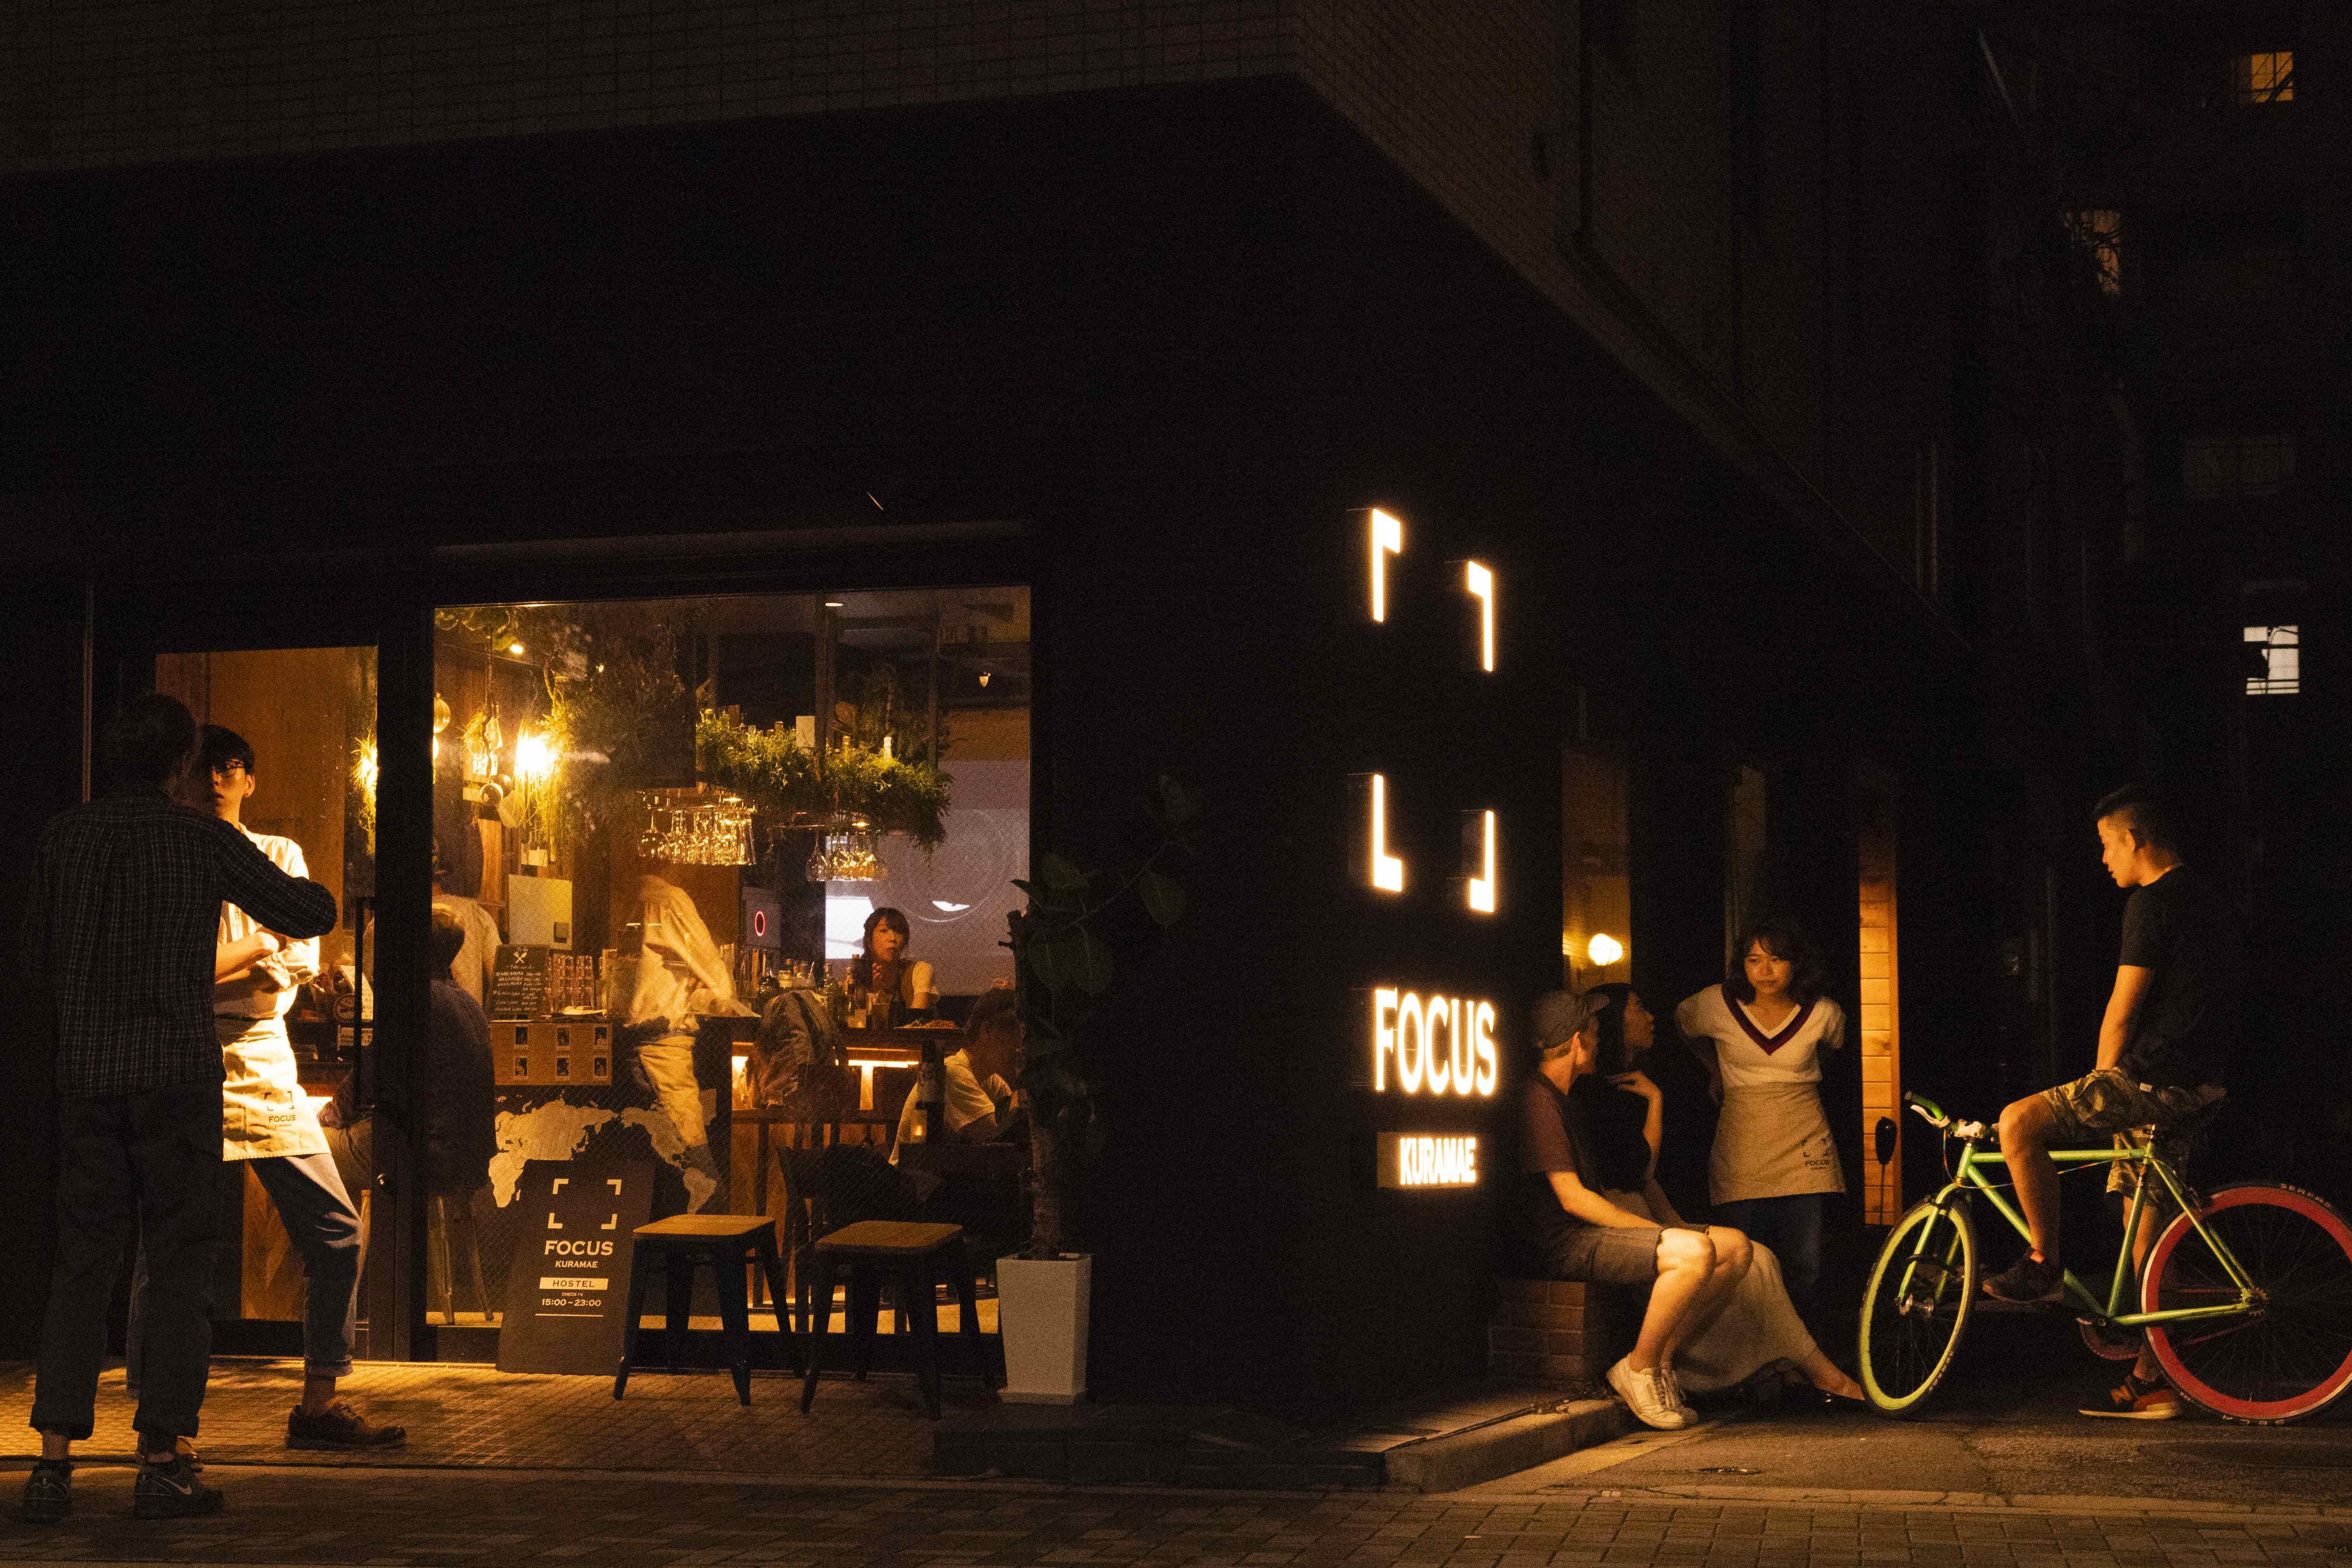 |東京|ホステル|東京のブルックリン!下町情緒溢れる蔵前でホステル暮らし。